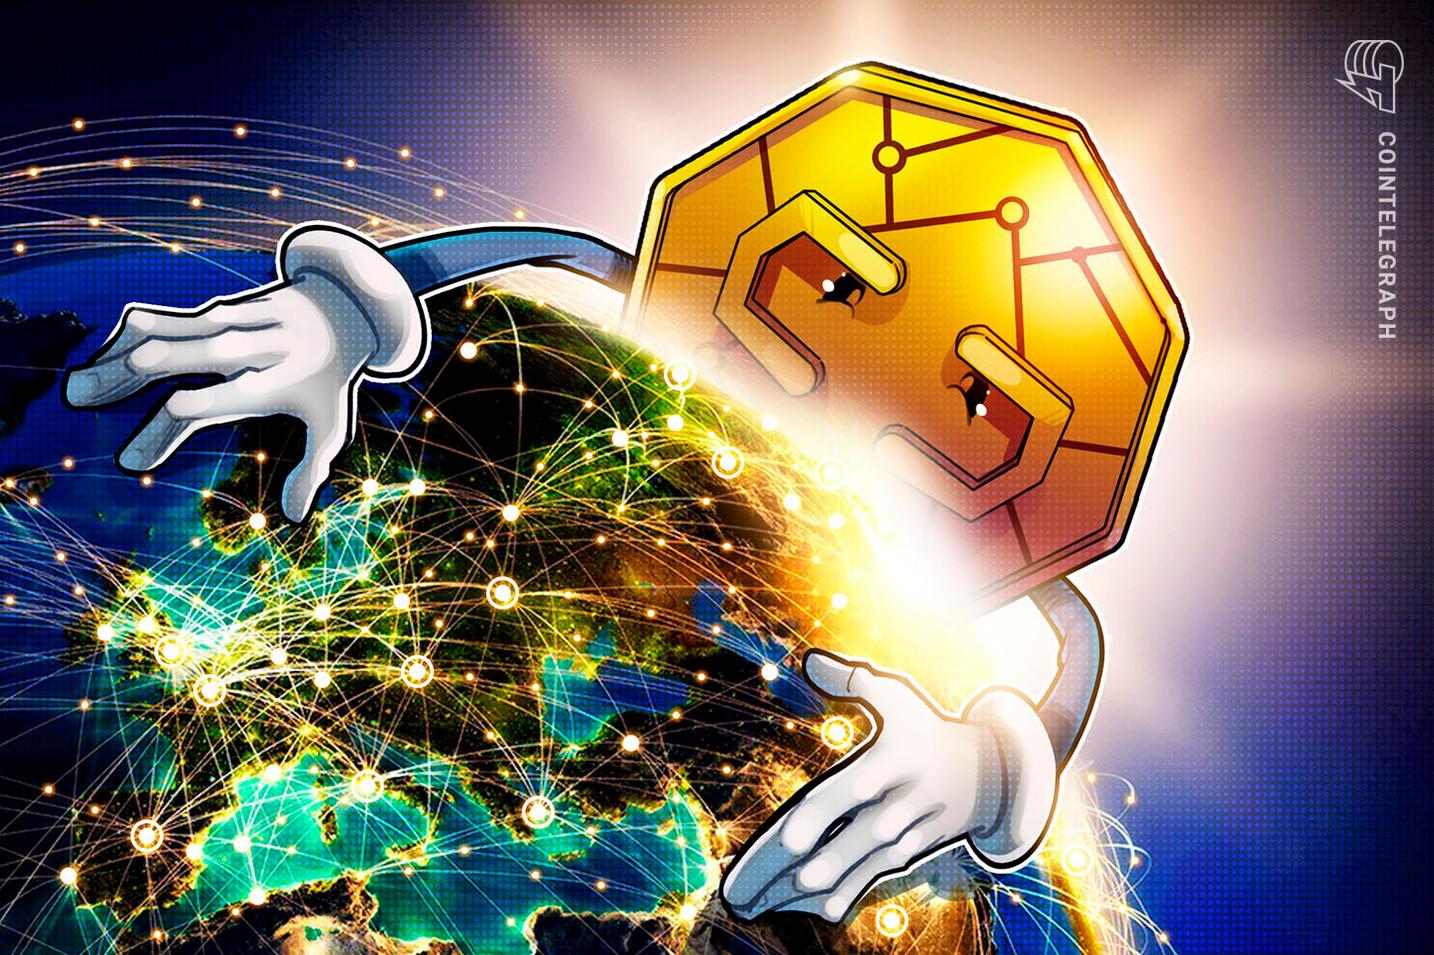 Küresel B2B Blockchain İşlem Hacmi 2024'e Kadar 4,4 Trilyon Doları Aşacak